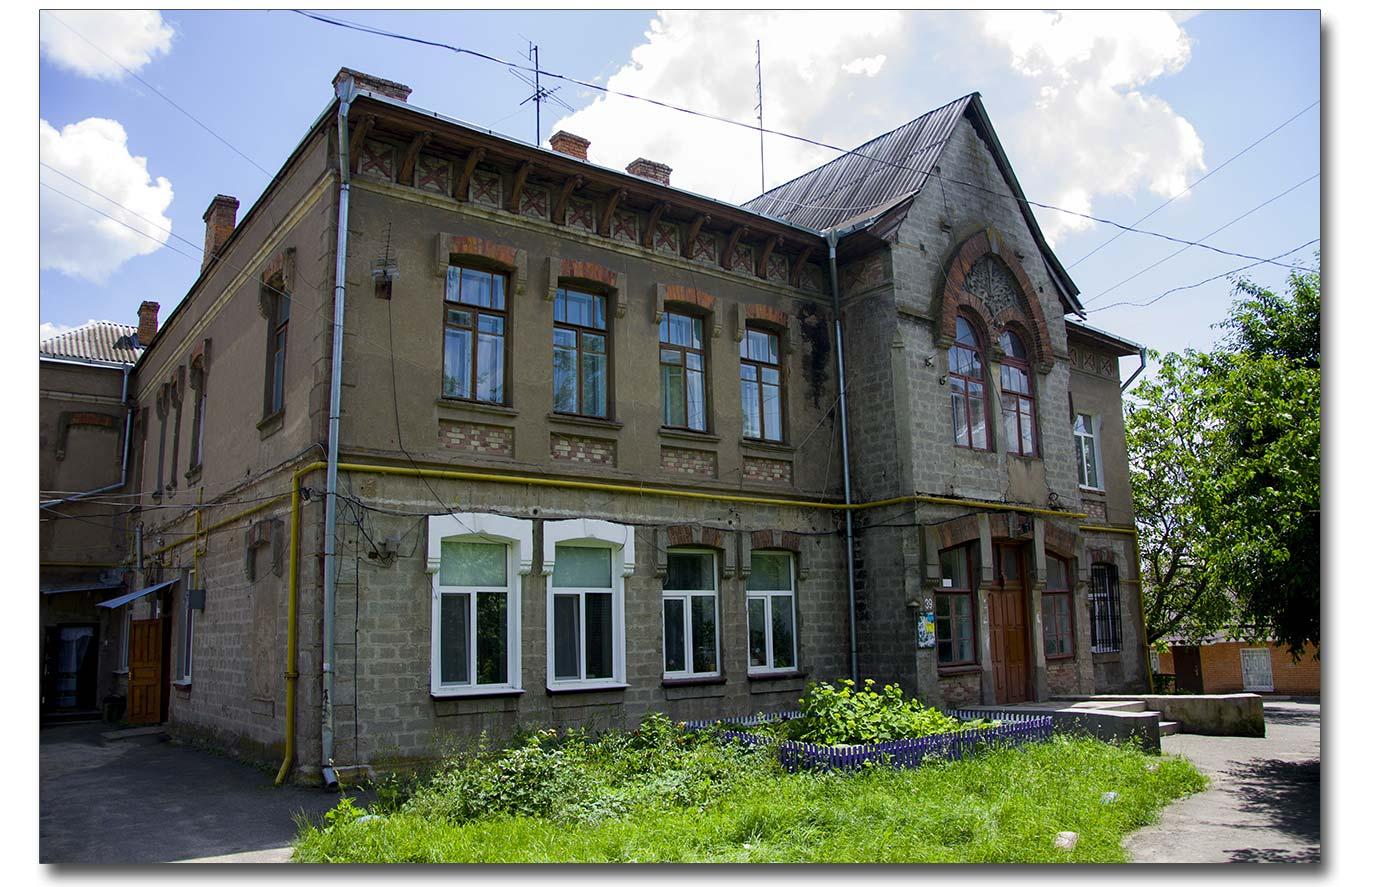 Dom Łozowskich na ulicy Artynowa 39